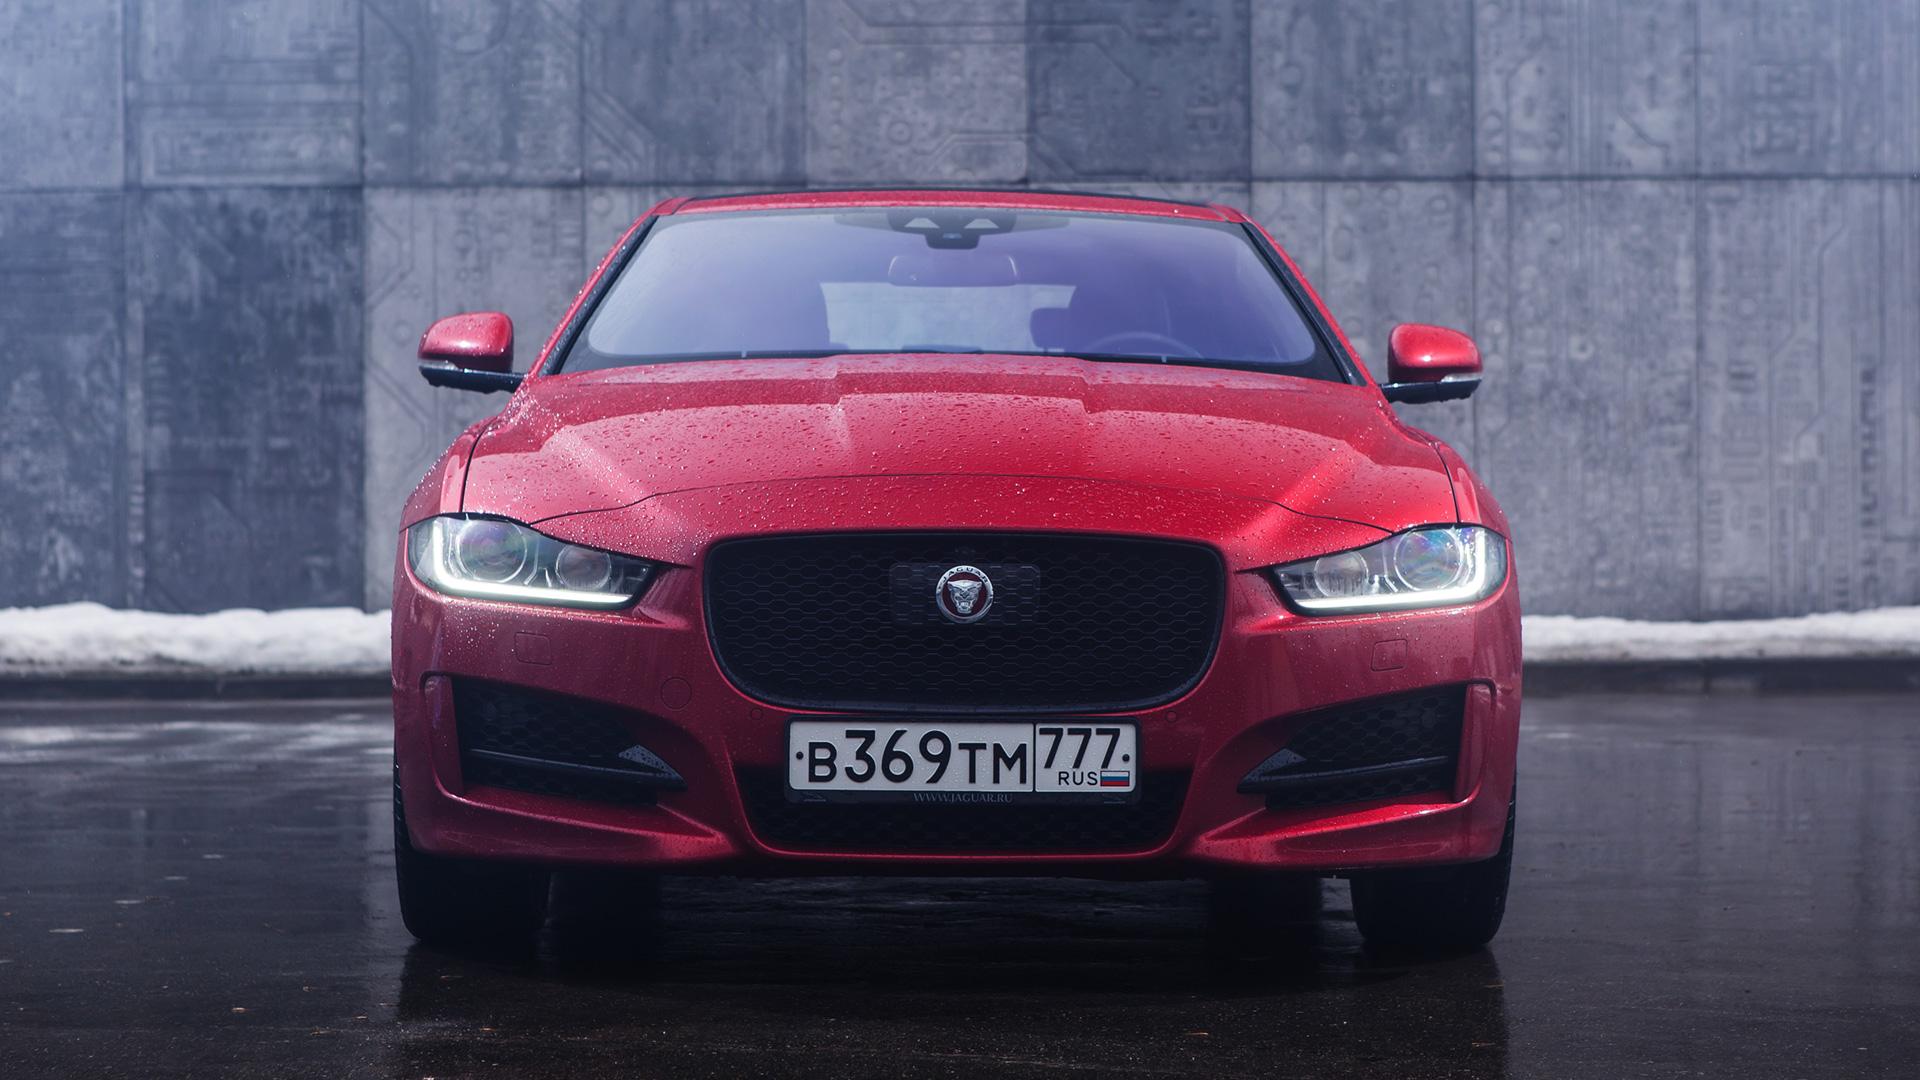 Длительный тест дизельного Jaguar XE: первые впечатления. Фото 3